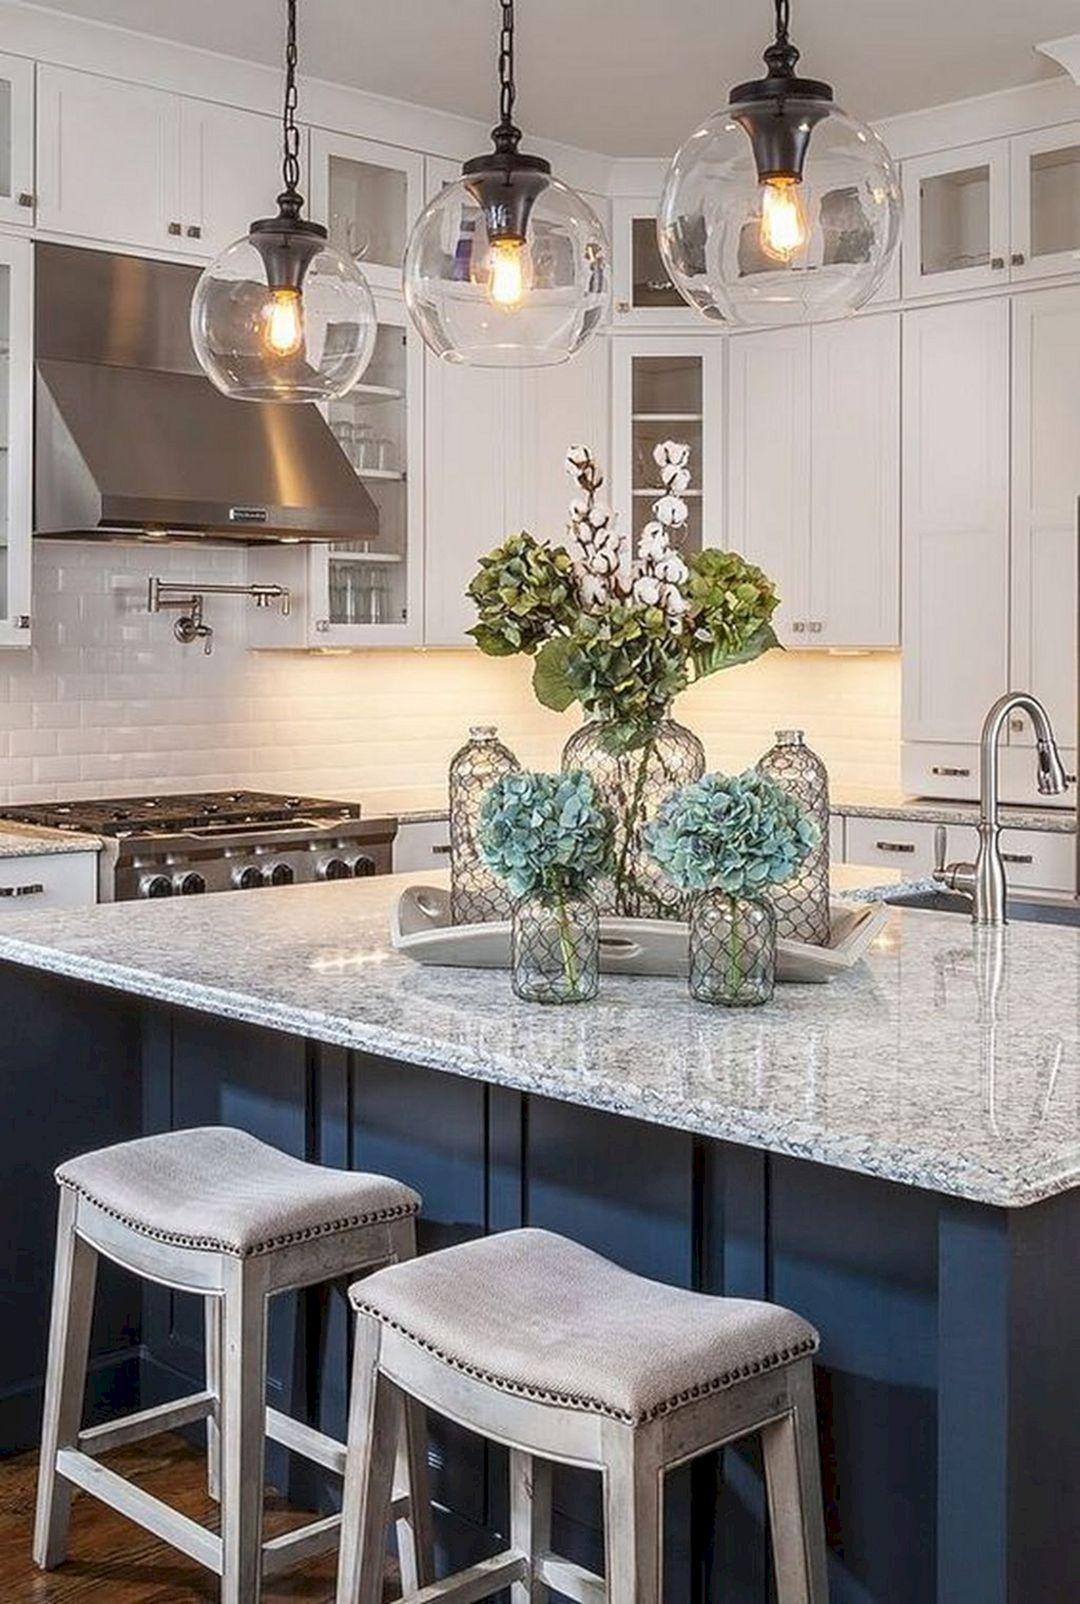 20 Marvelous Pendant Light Decoration Ideas For Amaze Kitchen